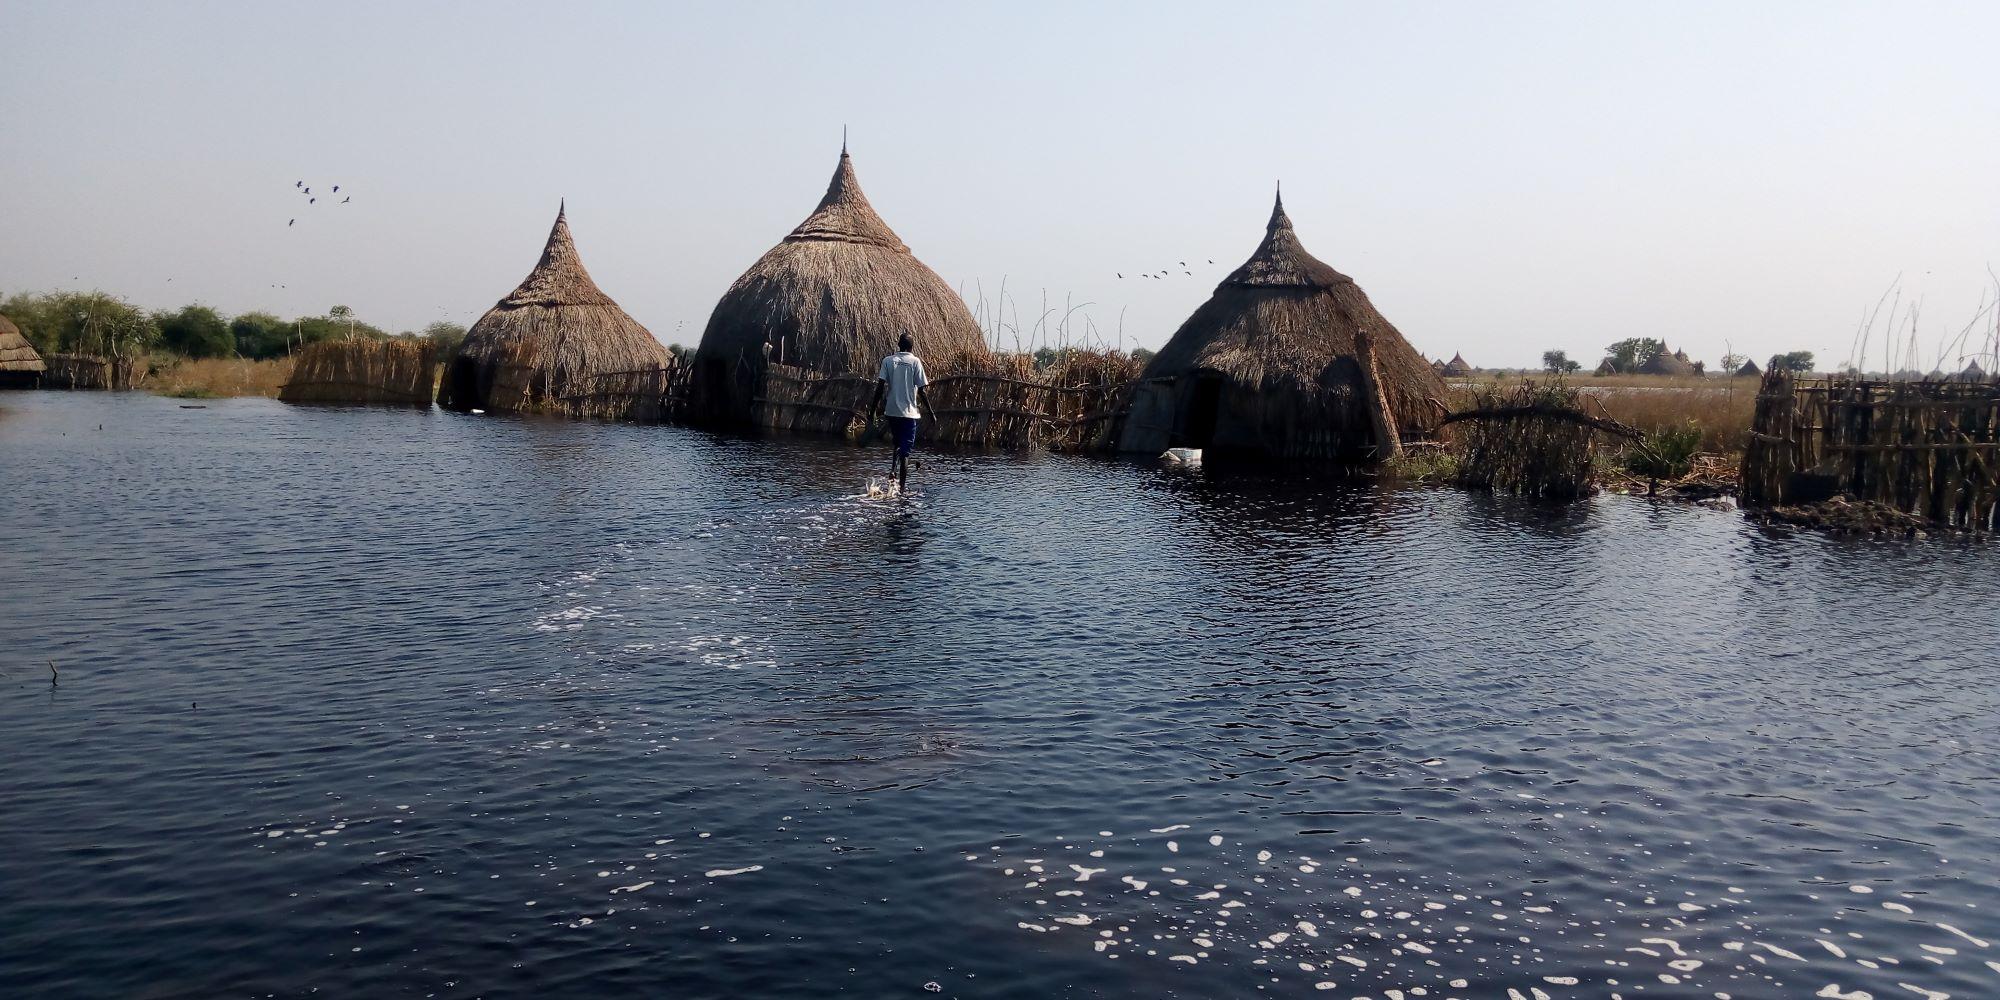 Enchente após temporais no Sudão do Sul: número de desastres climáticos cresce no mundo inteiro (Foto: Christian Jepsen/NRC/IMDC)